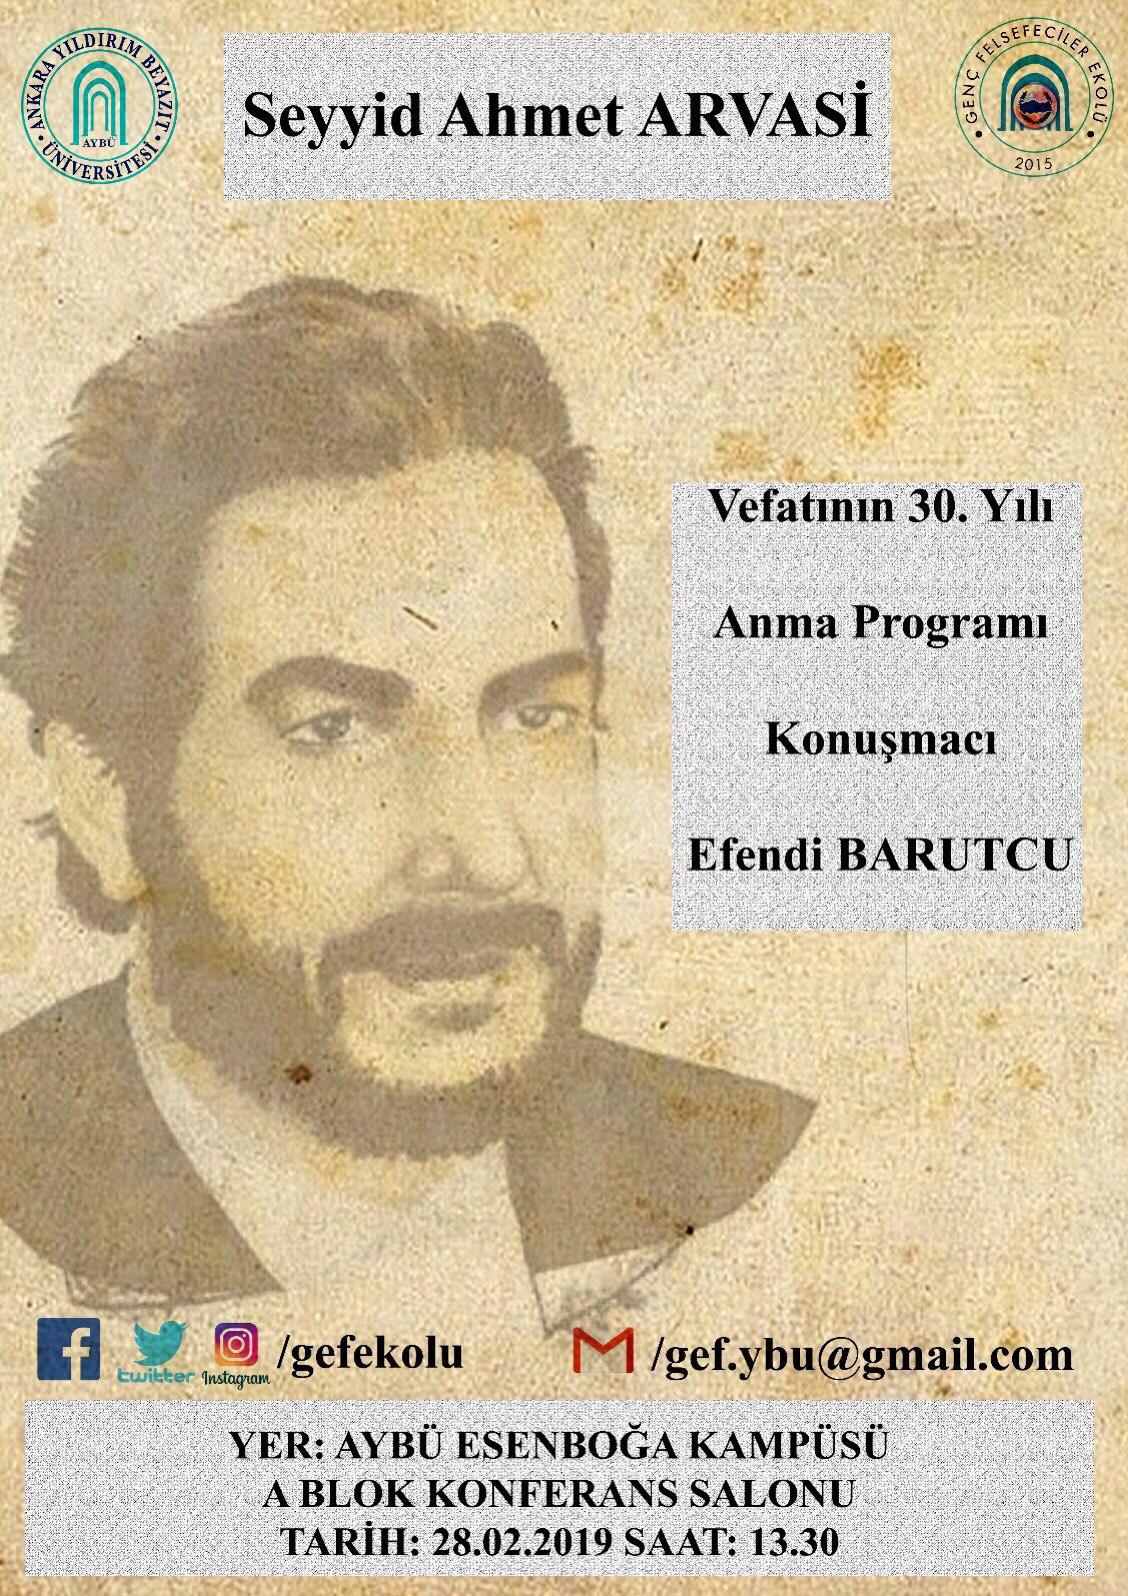 Seyyid Ahmet Arvâsî'nin Vefatının 30.Yılı